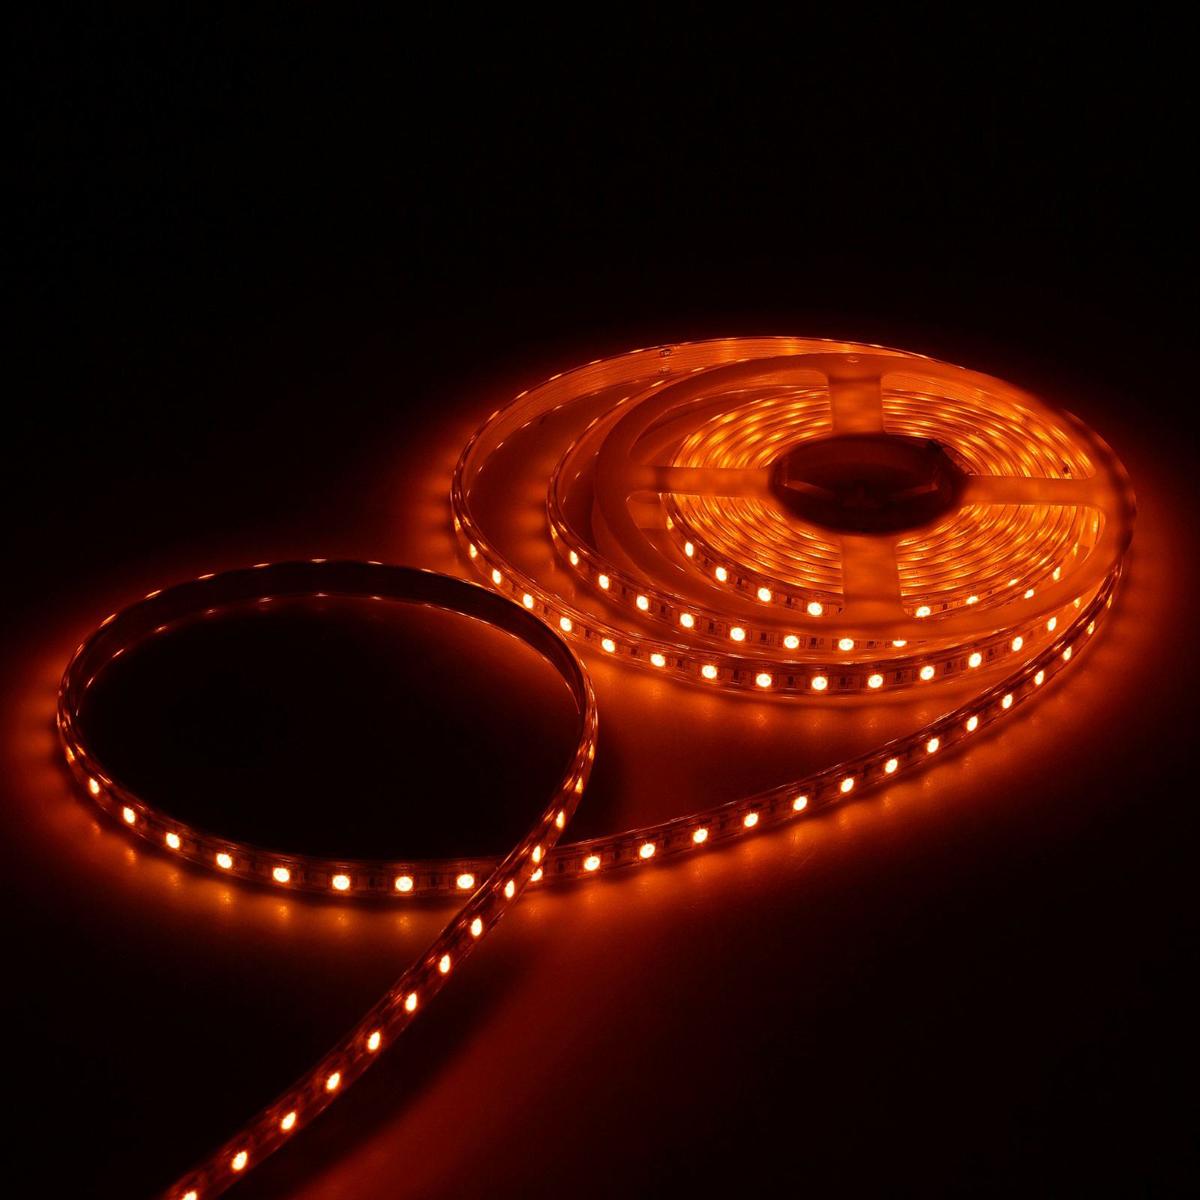 Светодиодная лента Luazon, 220В, SMD3528, длина 5 м, IP65, 60 LED ламп, 3.3 Вт/м, 6-7 Лм/1 LED, AC, цвет: красный883963Светодиодные гирлянды, ленты и т.д — это отличный вариант для новогоднего оформления интерьера или фасада. С их помощью помещение любого размера можно превратить в праздничный зал, а внешние элементы зданий, украшенные ими, мгновенно станут напоминать очертания сказочного дворца. Такие украшения создают ауру предвкушения чуда. Деревья, фасады, витрины, окна и арки будто специально созданы, чтобы вы украсили их светящимися нитями.